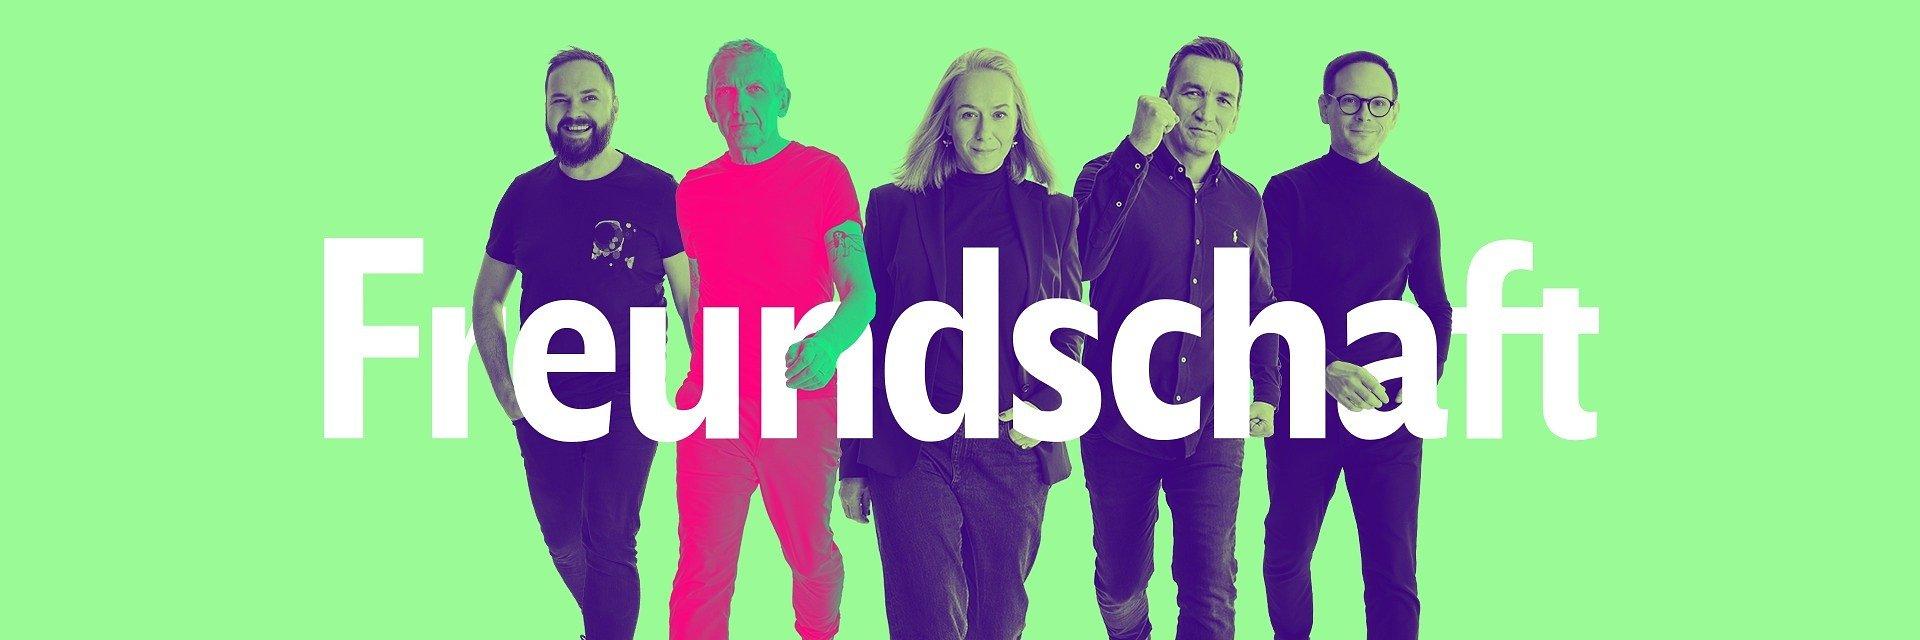 Scholz & Friends Warszawa zmienia nazwę na Freundschaft. Grupa S/F to od dziś Grupa Freundschaft.